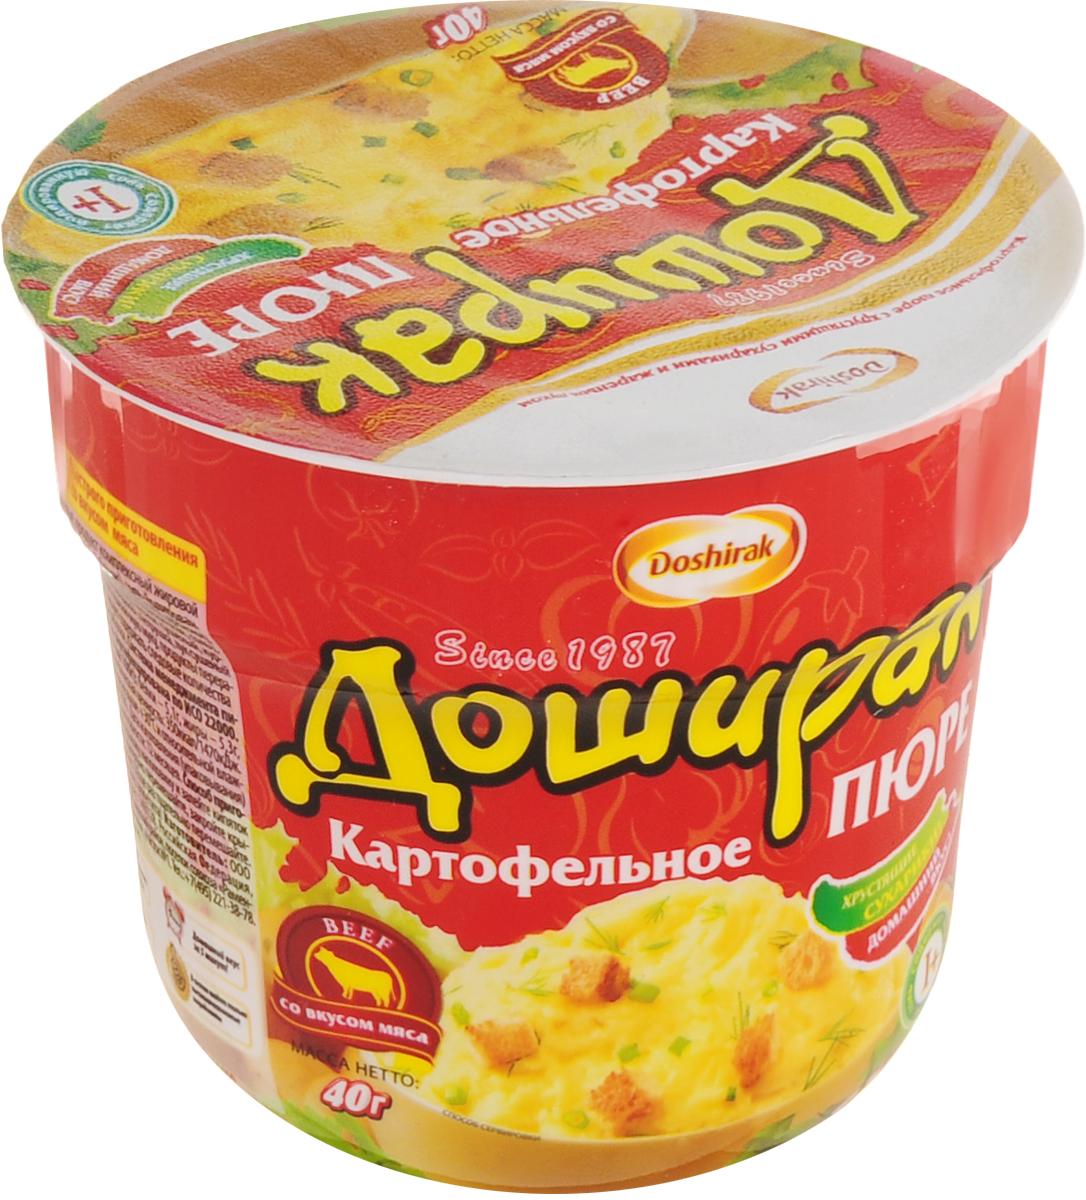 Doshirak пюре картофельное быстрого приготовления со вкусом мяса, в стакане, 40 г удобрение ому картофельное 5кг